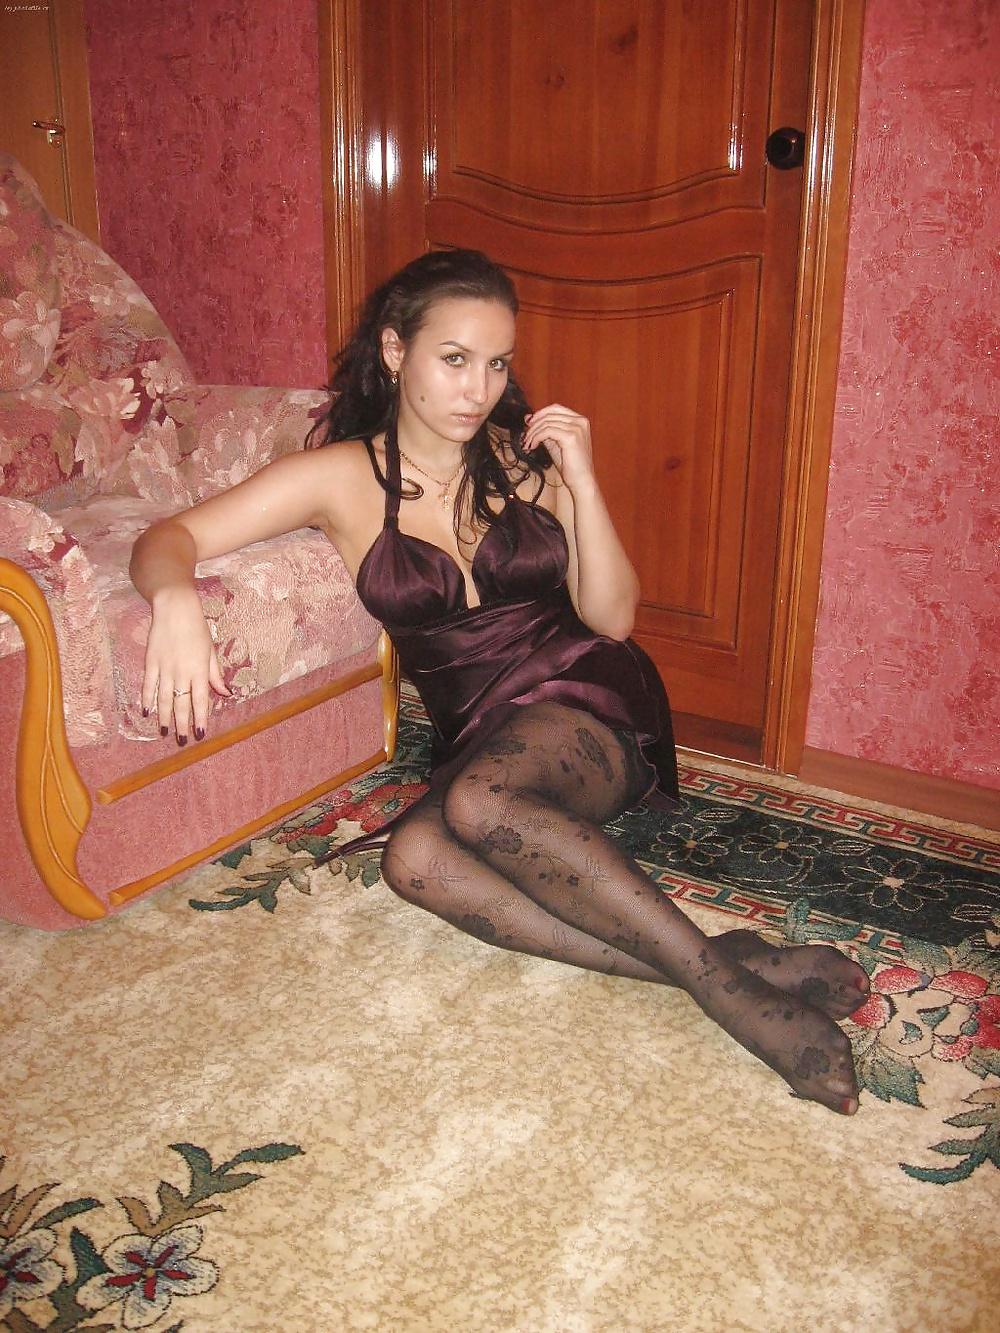 seks-realiti-moya-seksualnaya-zhena-foto